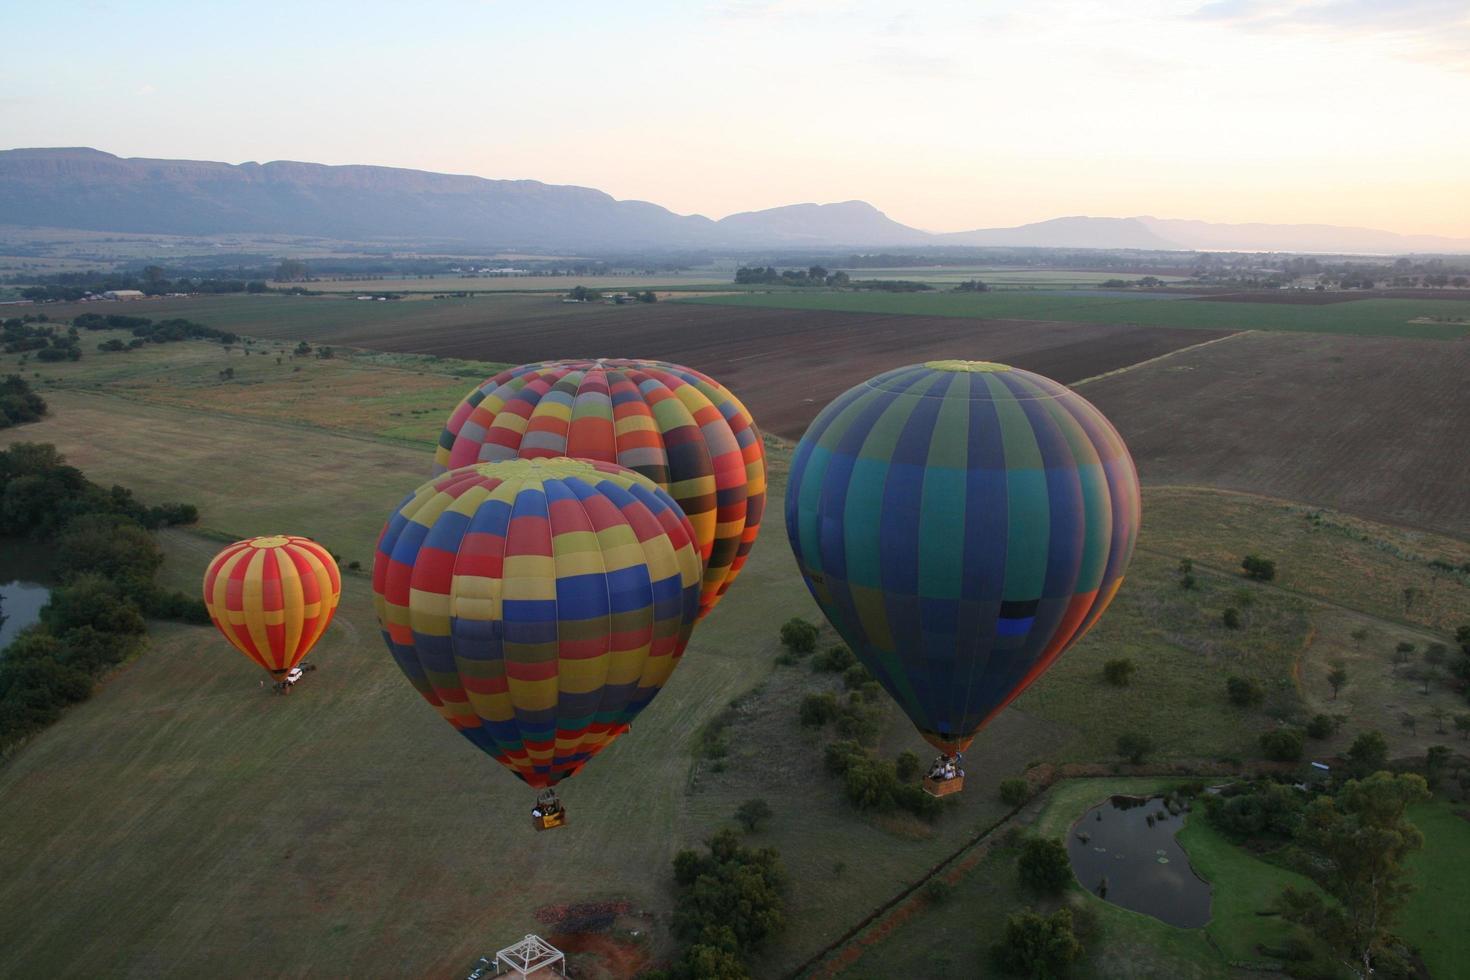 Hot air balloons at take-off photo